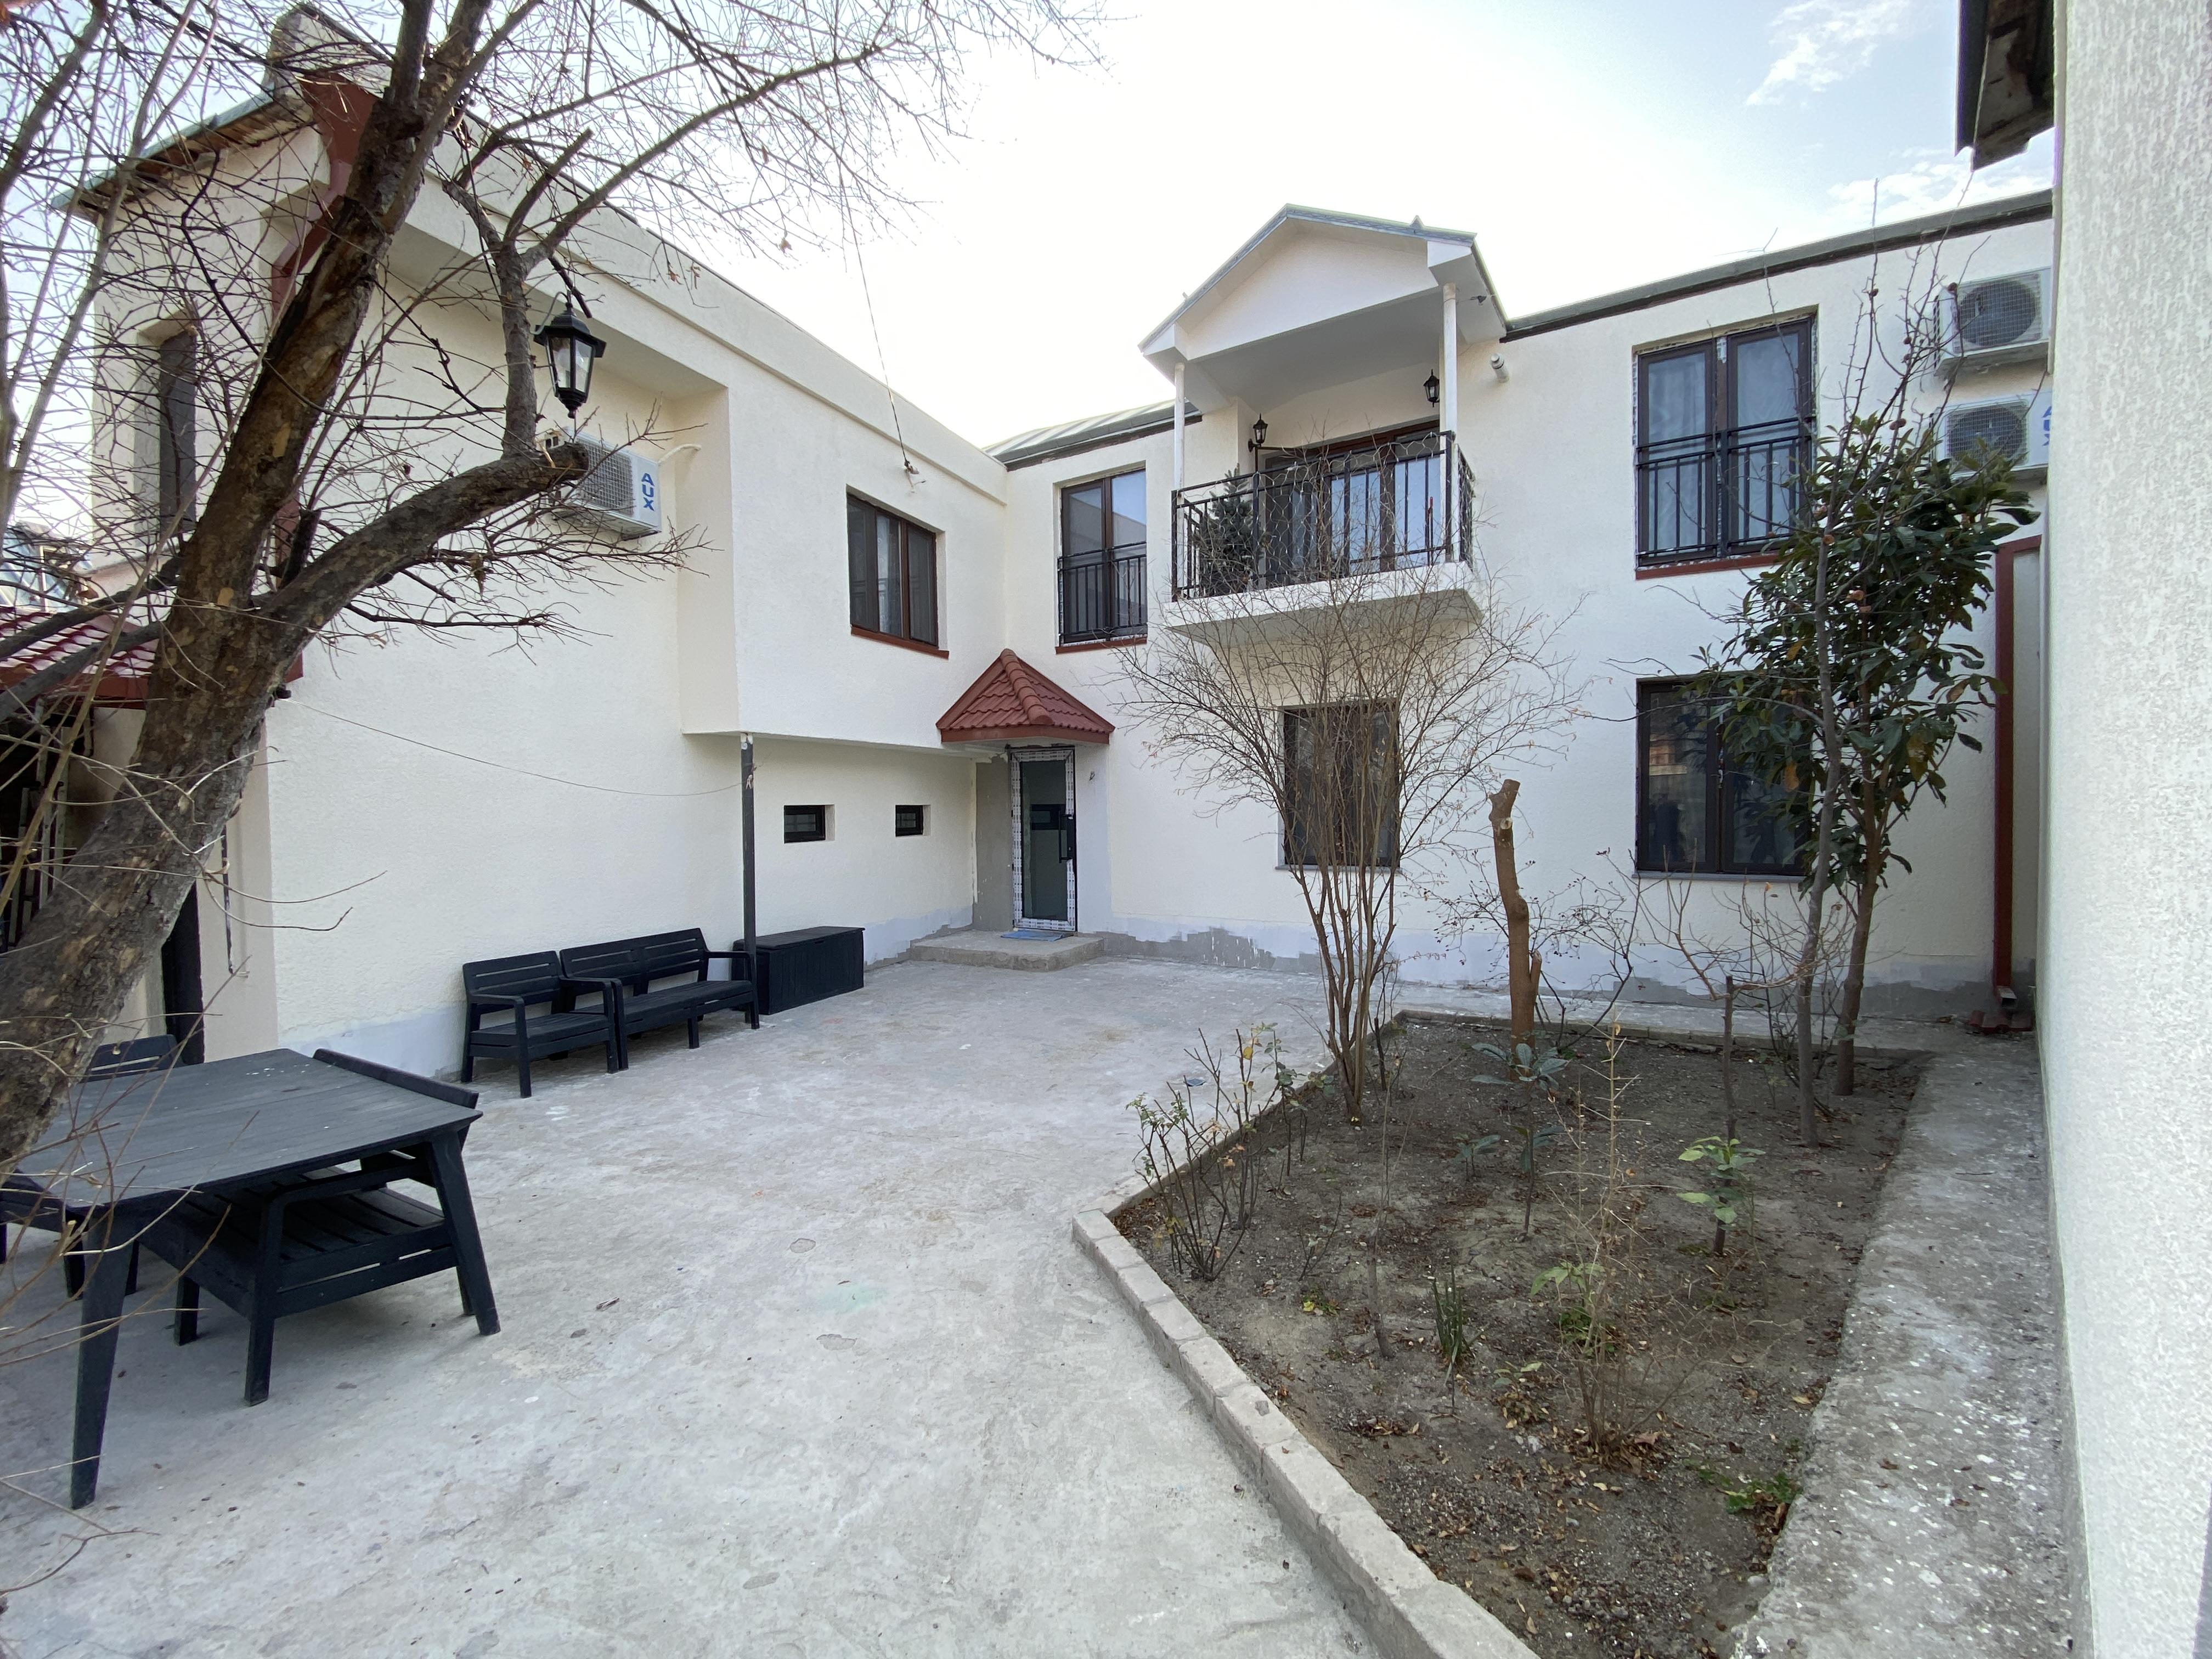 Продается Новый Построенный 4-Комнатный, 2-Этажный, Частный Дом На Исани